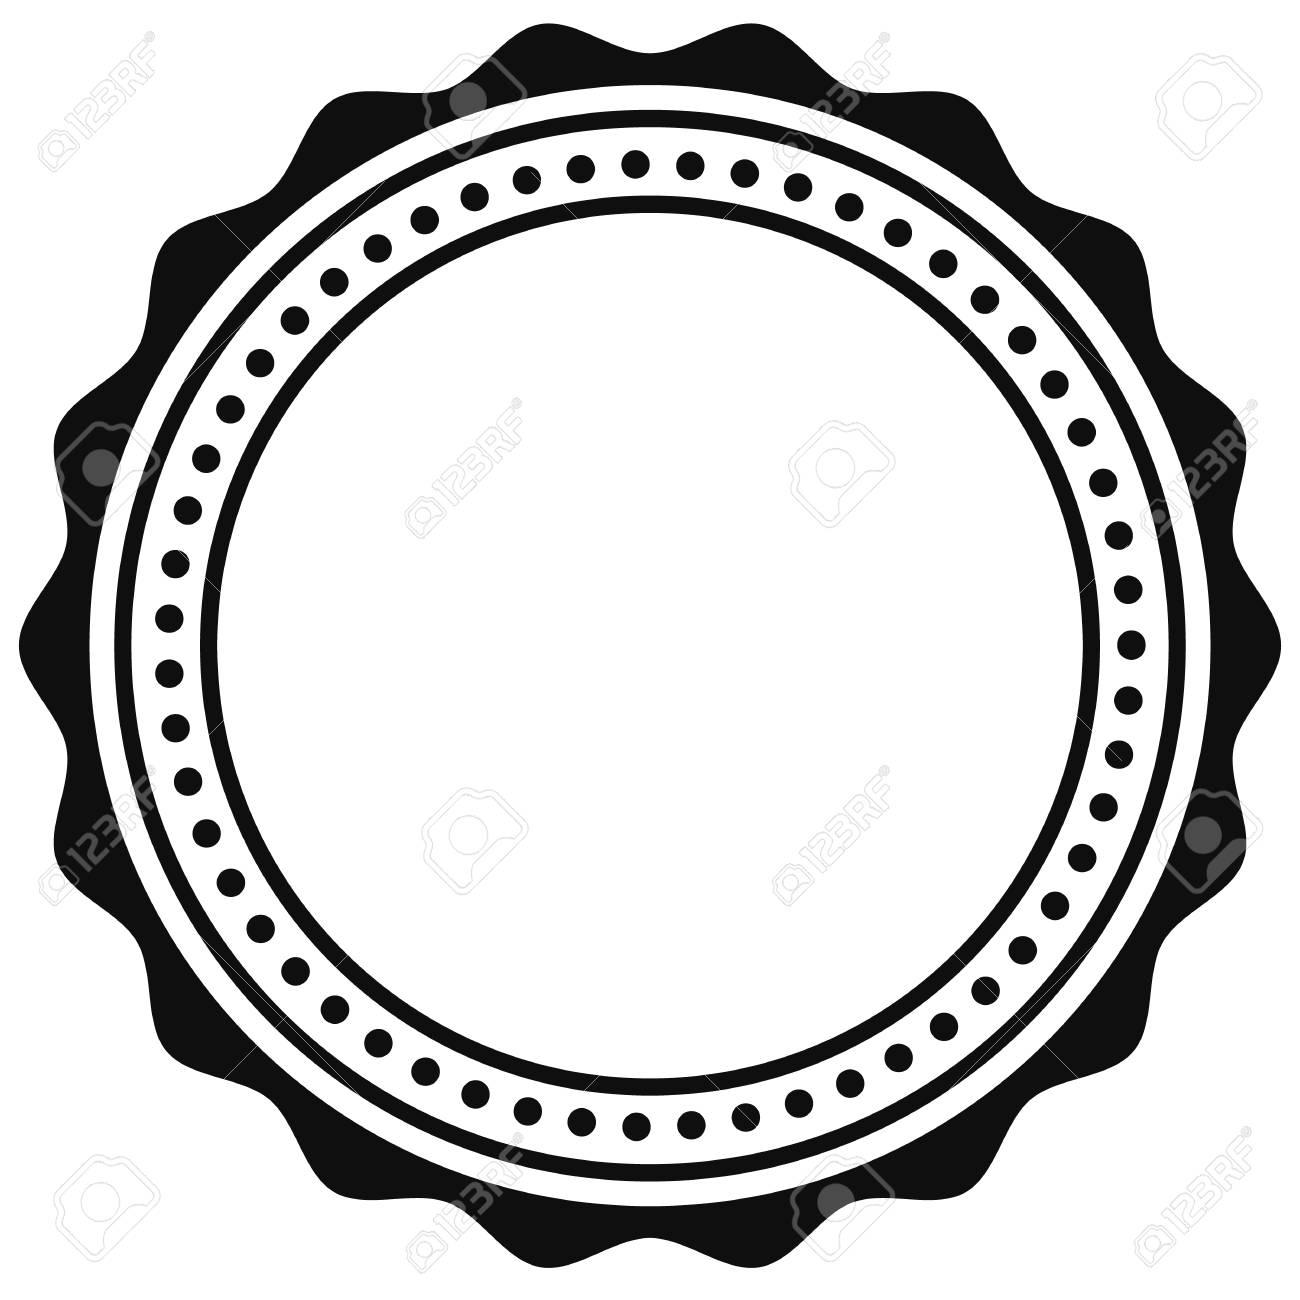 Badge, seal element. Contour of circular certificate, medal.